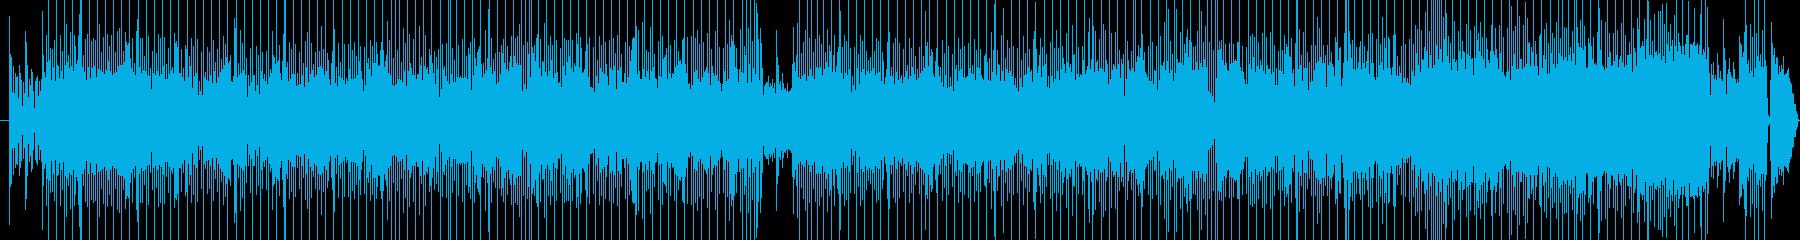 ギターのリフがカッコいい軽快なロック!の再生済みの波形